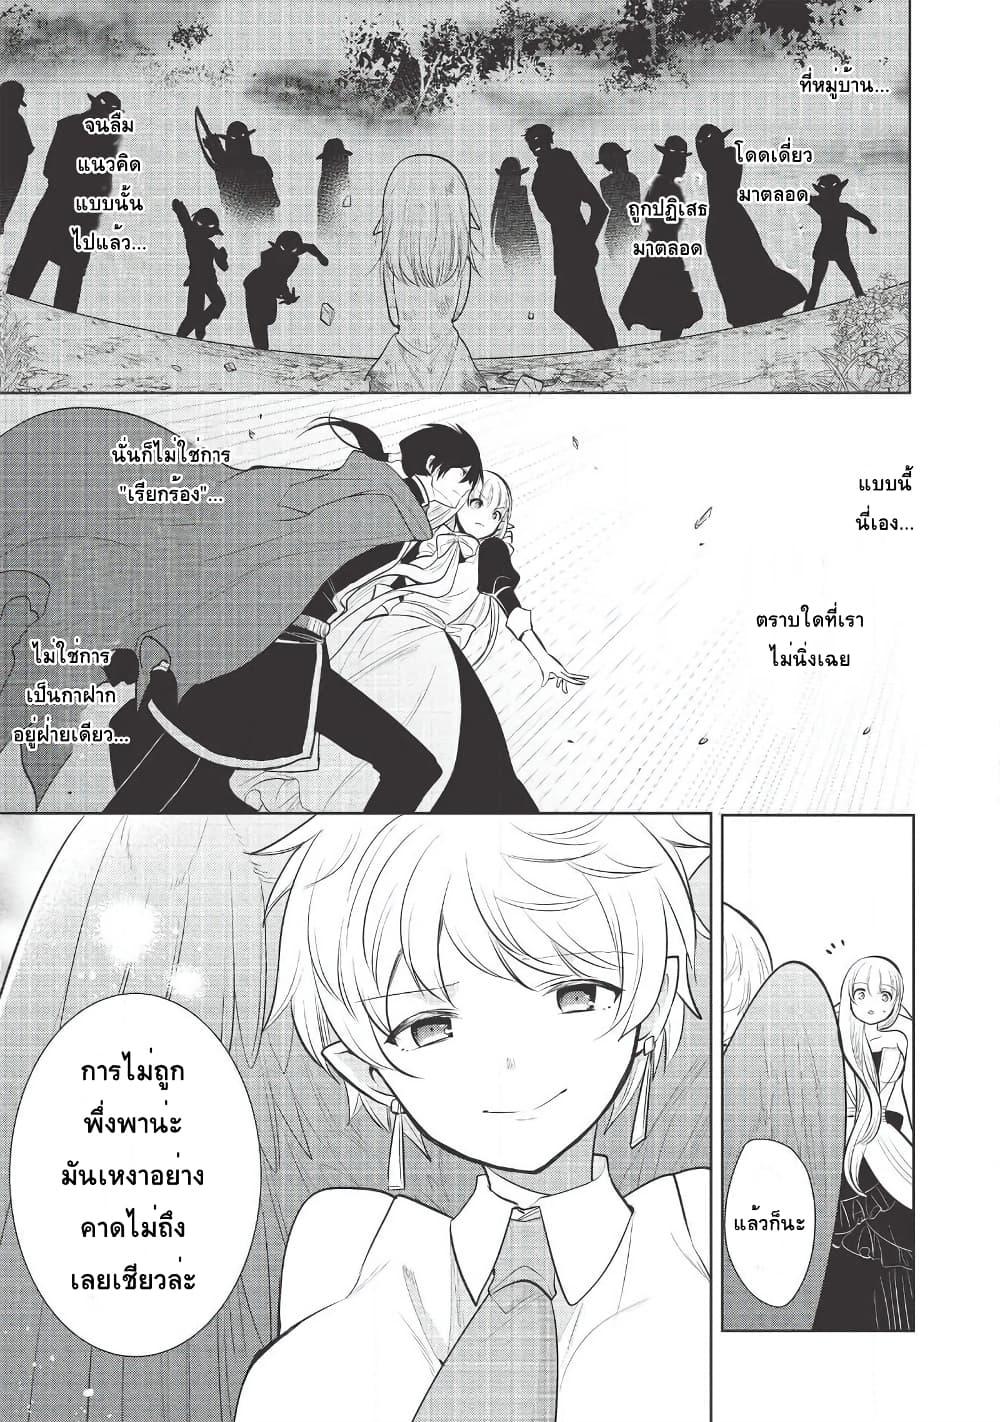 อ่านการ์ตูน Maou no Ore ga Dorei Elf wo Yome ni Shitanda ga Dou Medereba Ii ตอนที่ 27 หน้าที่ 9